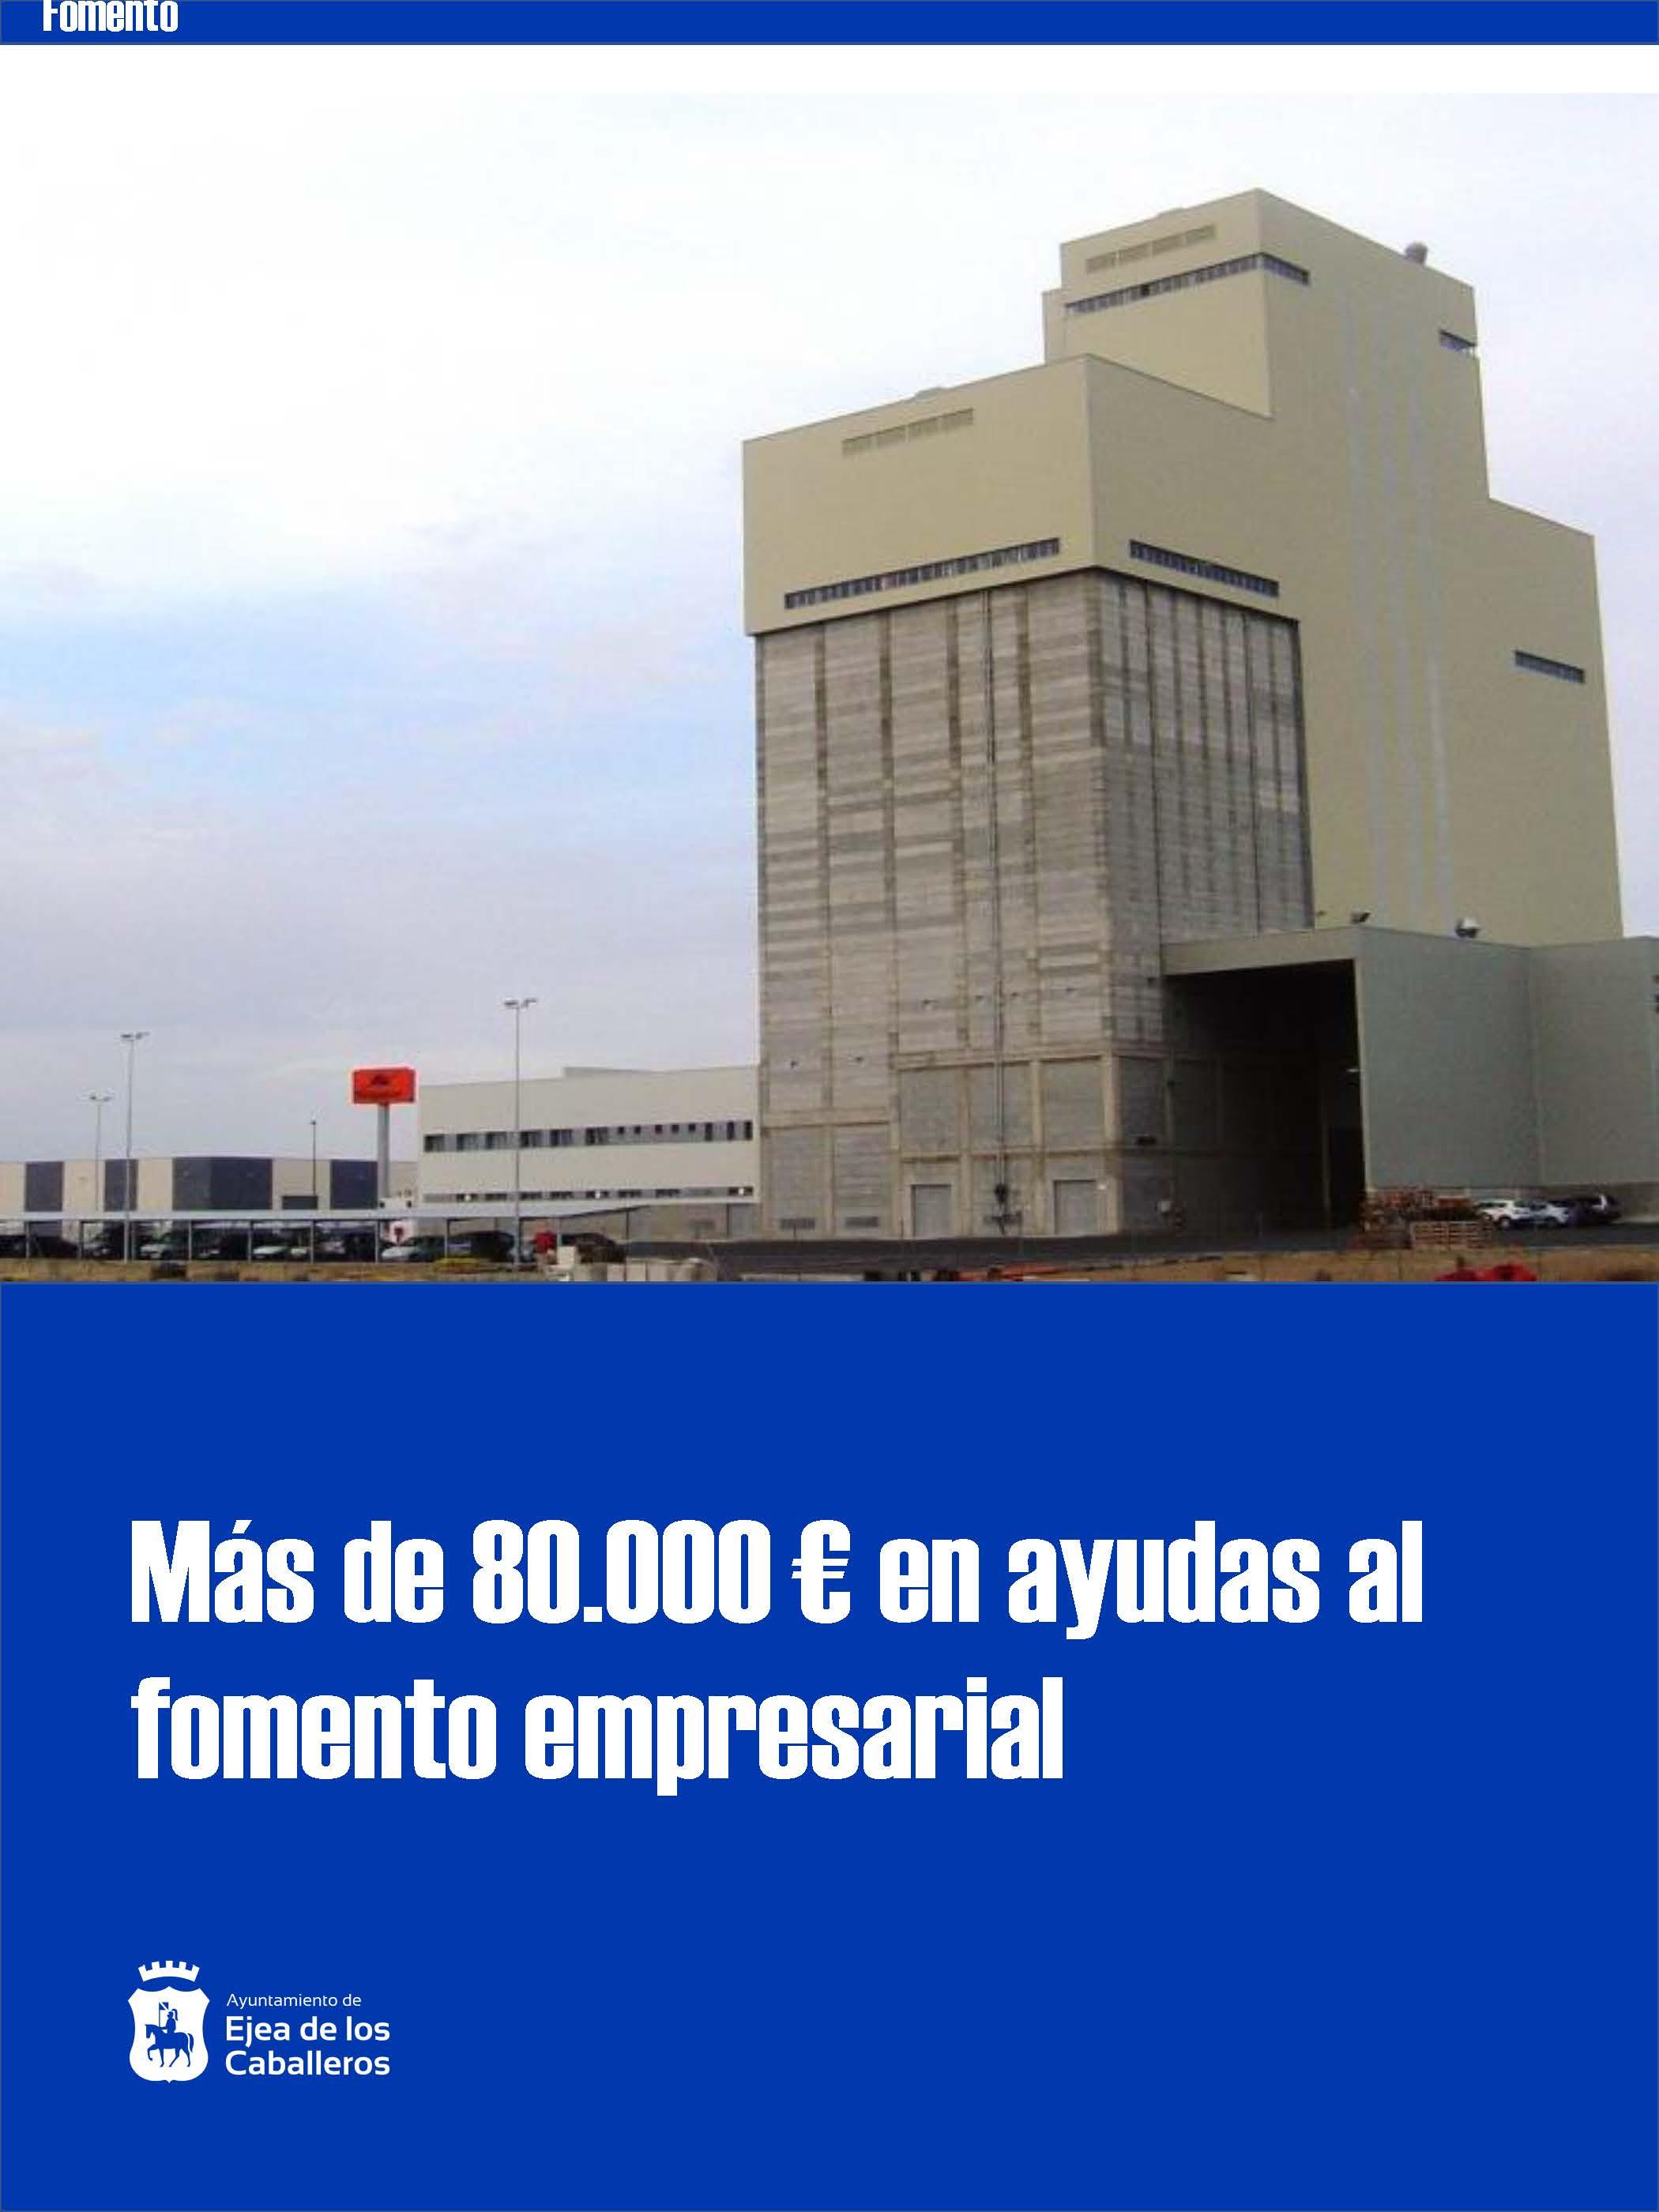 En 2019, el Ayuntamiento de Ejea concedió 80.000 euros en ayudas al fomento de la actividad económica y el empleo